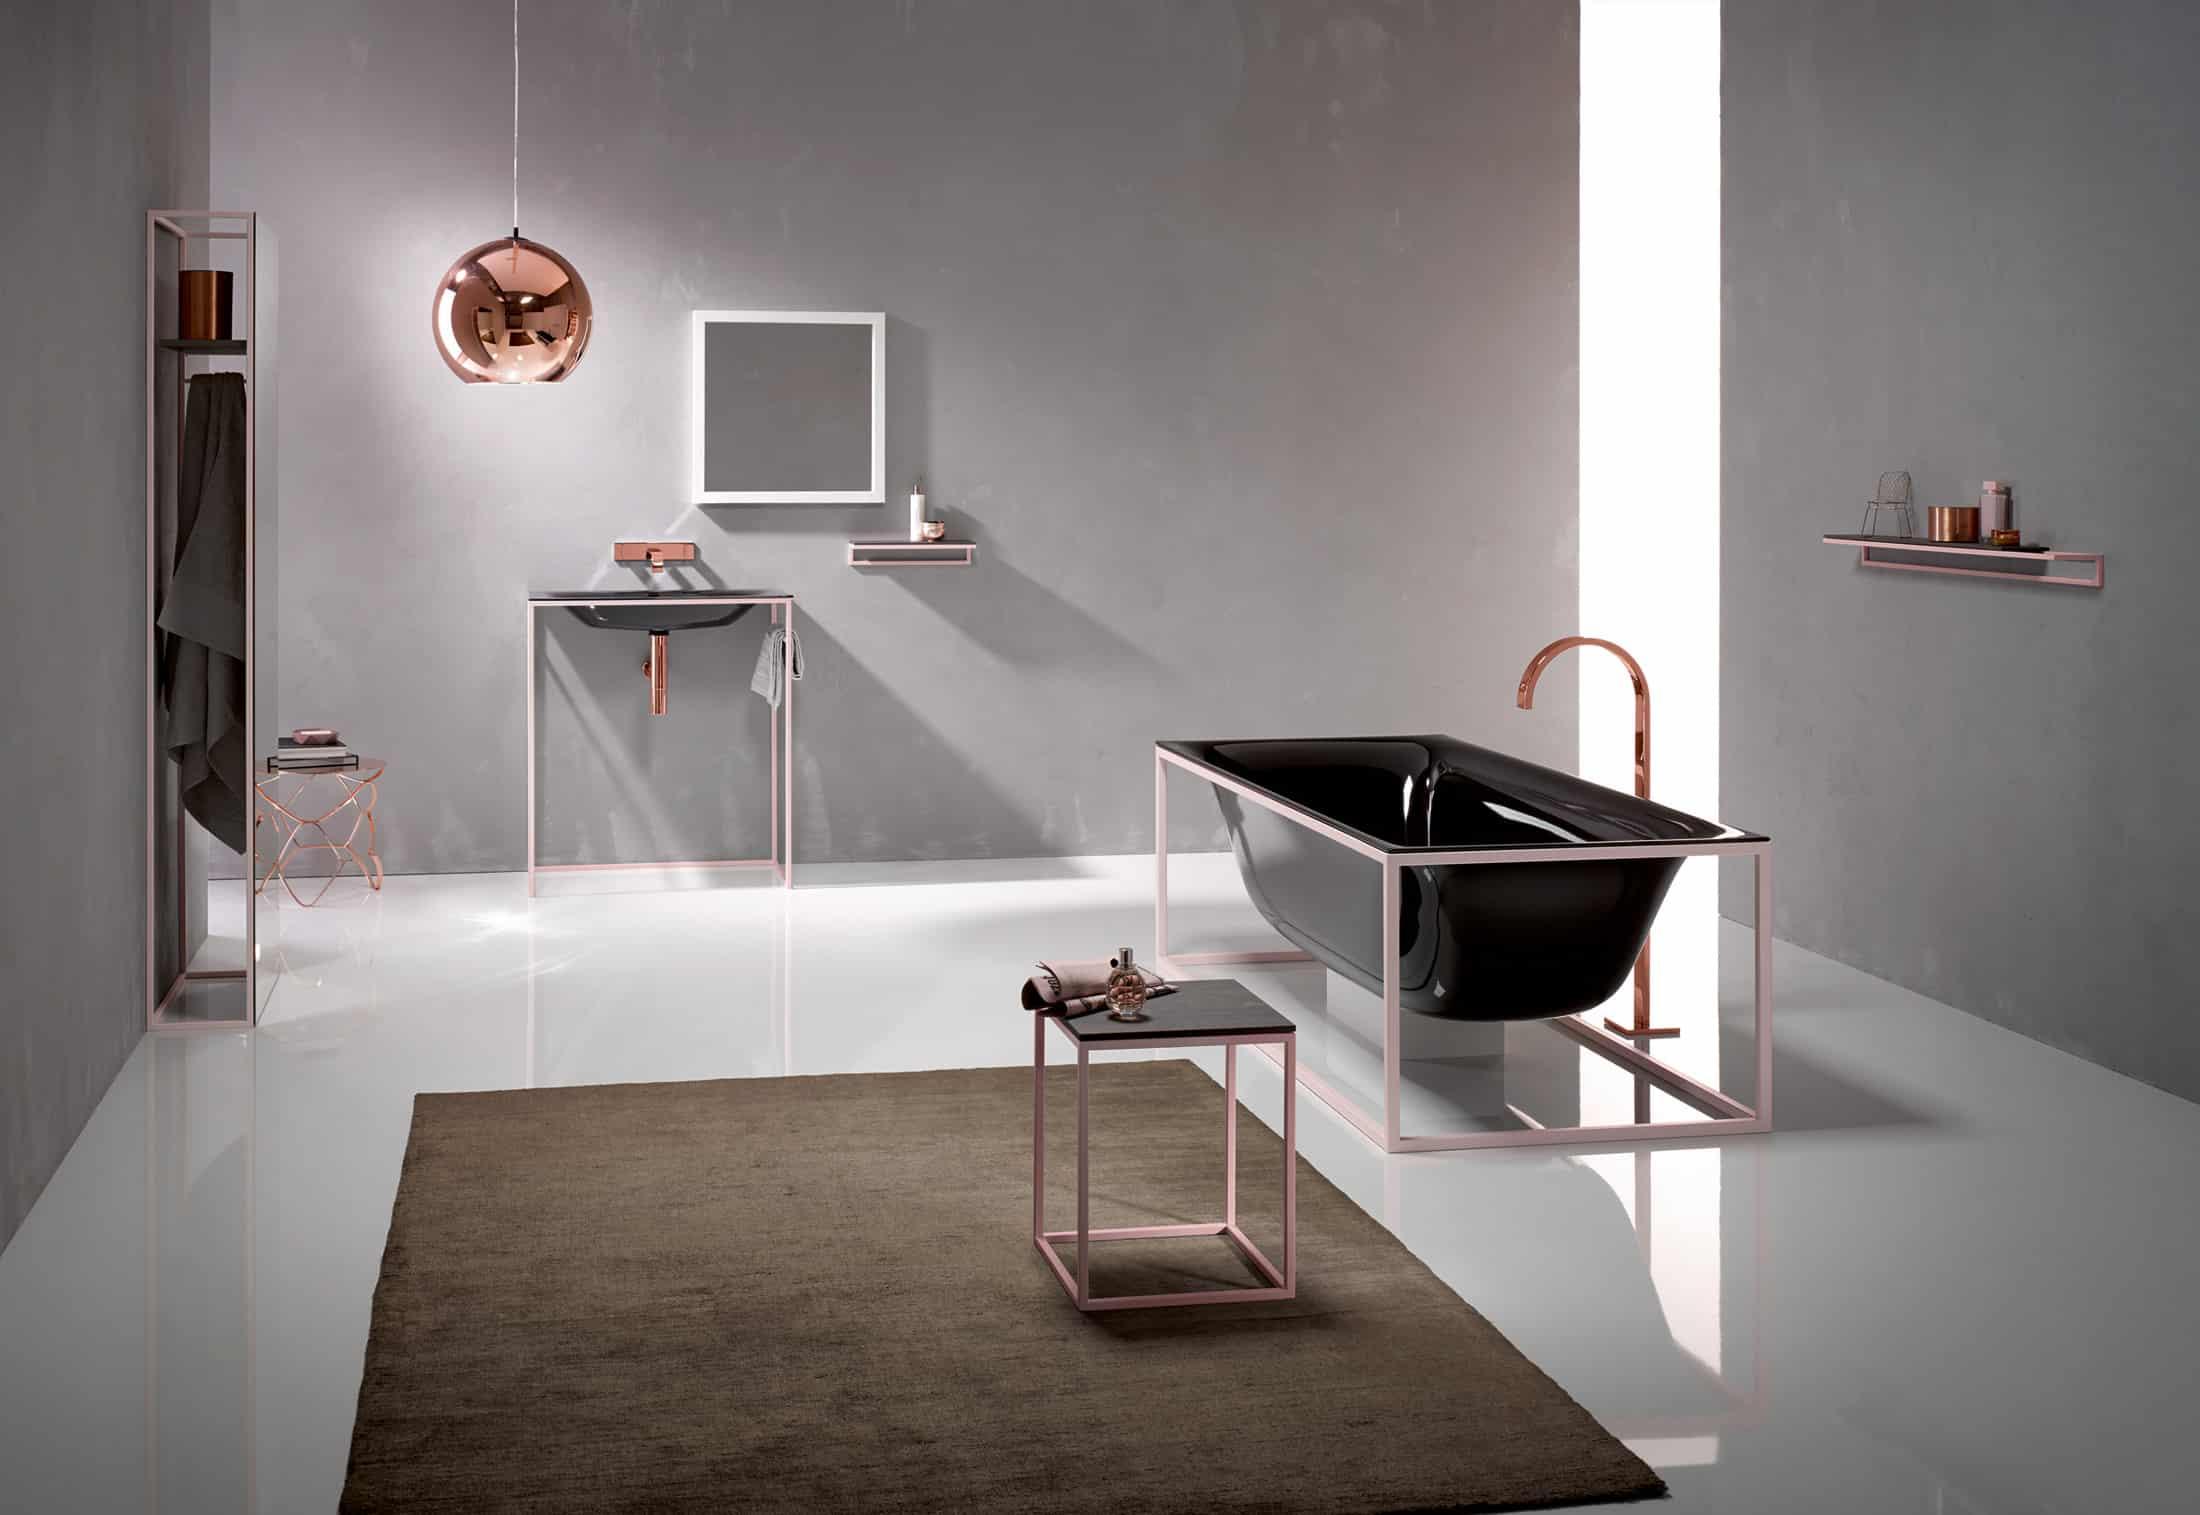 Full Size of Bette Floor Enamel Steel Bathtub Betteluby Trends Betten Französische Clinique Even Better Make Up Luxus 200x220 100x200 Moebel De 200x200 Amazon Starlet Bett Bette Floor